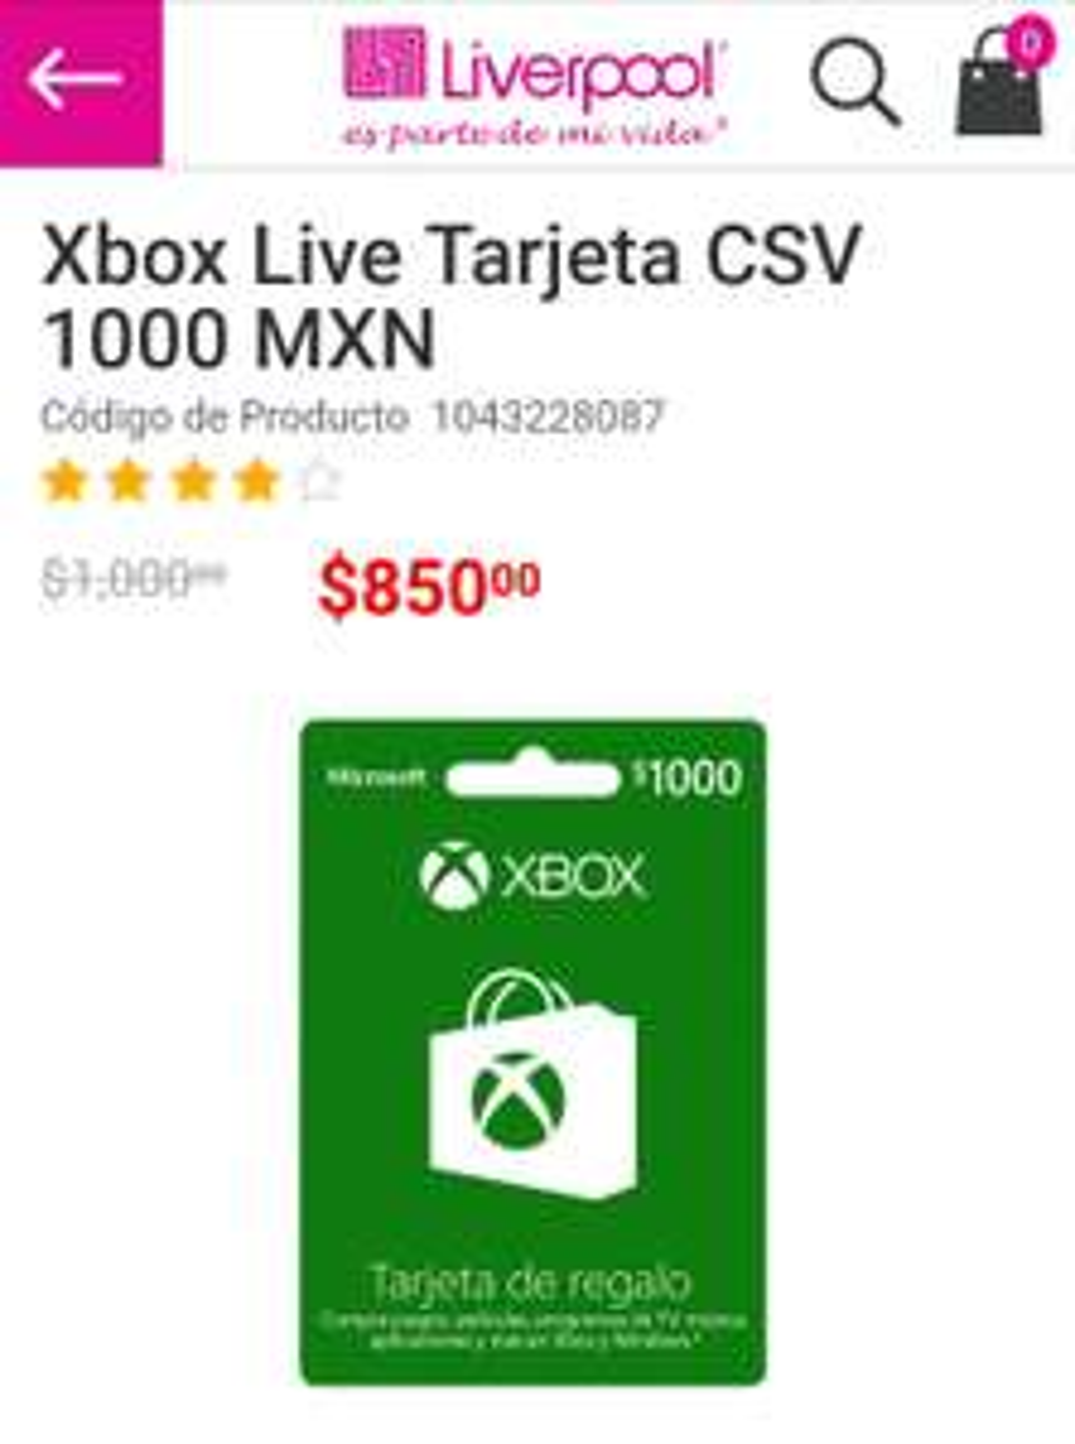 Liverpool: descuentos en Xbox Live Tarjetas, por ejemplo $1000MXN a $850 (Venta Especial Navideña)